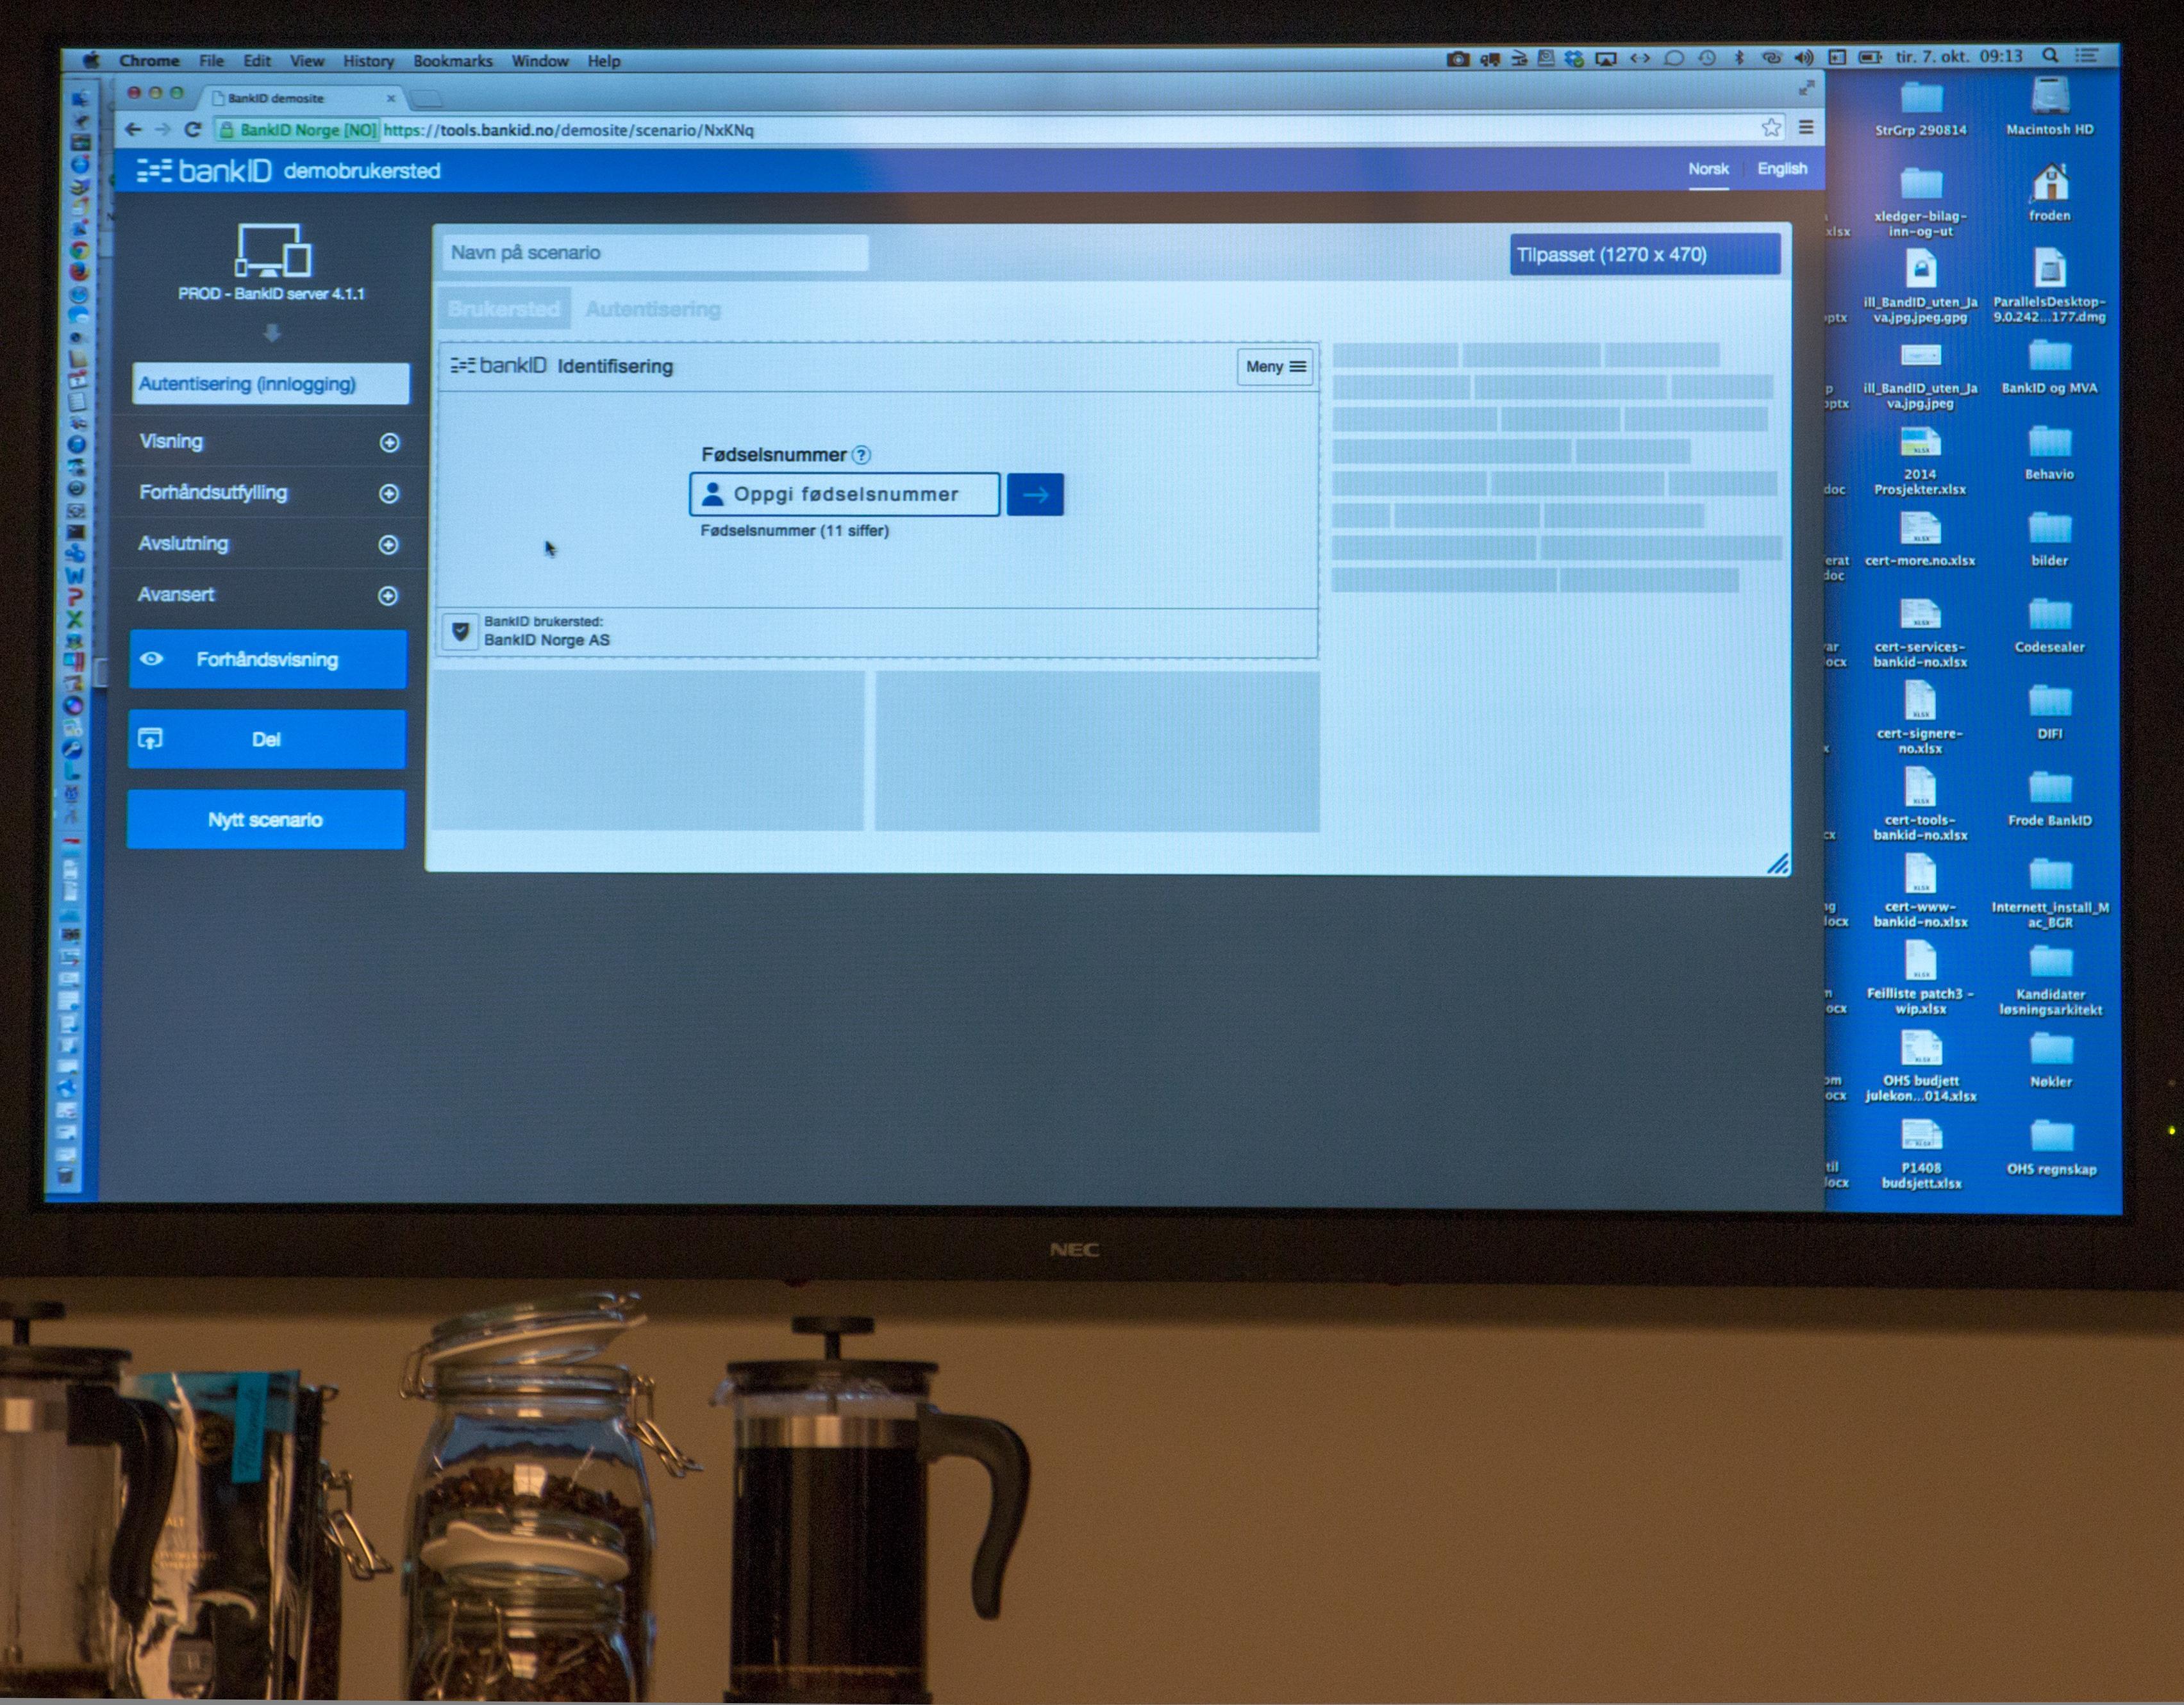 BankID Norge laget en egen pilot-utgave av BankID 2.0 for å sjekke hvordan den ble vist på ulike plattformer som nettbrett og mobiler.Foto: Anders Brattensborg Smedsrud, Tek.no